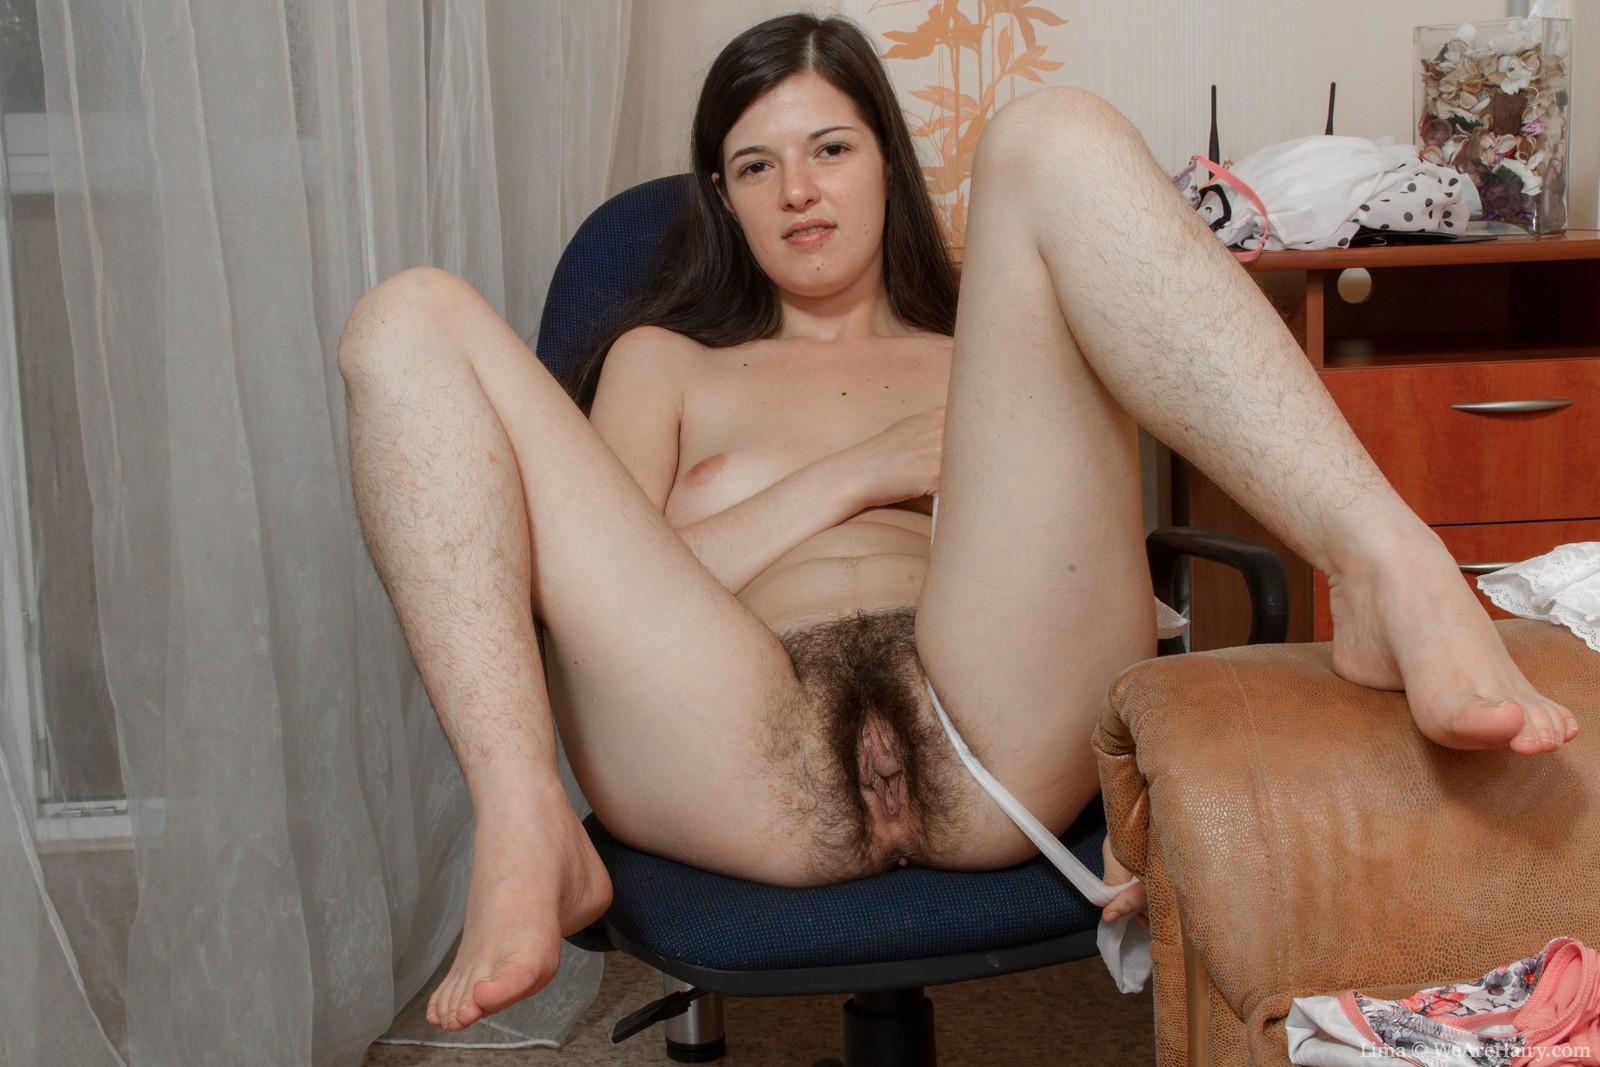 Thick asian ass porn